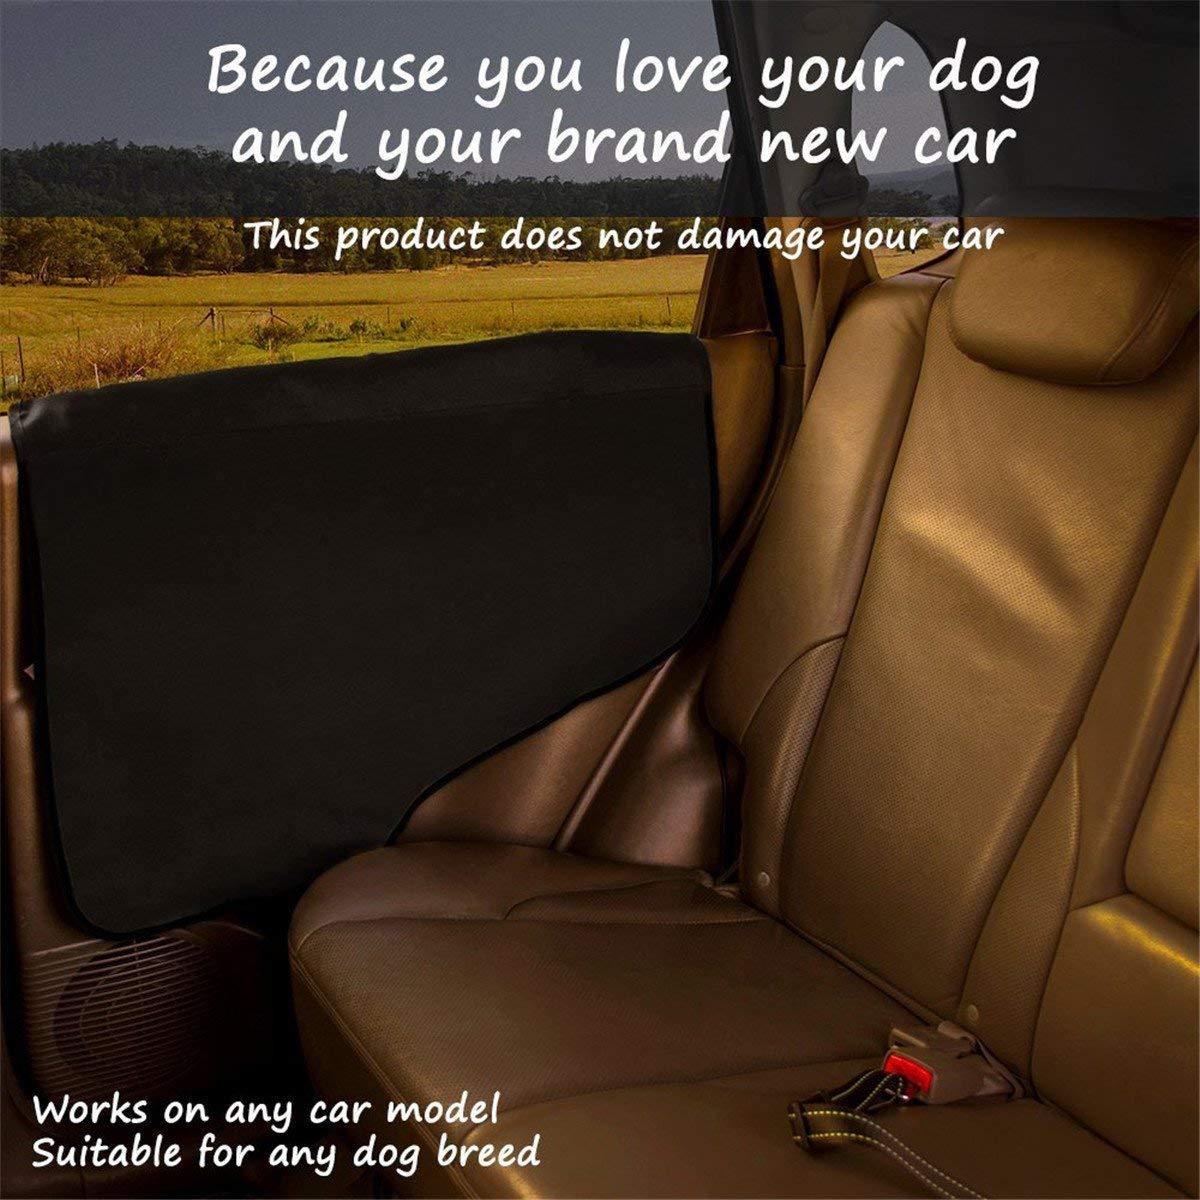 convient pour tous les Baselife pour animal domestique Porte de voiture Capot /étanche Polyester Film de protection pour si/ège arri/ère anti-rayures et lavable en machine portes s/ûr pour les chiens